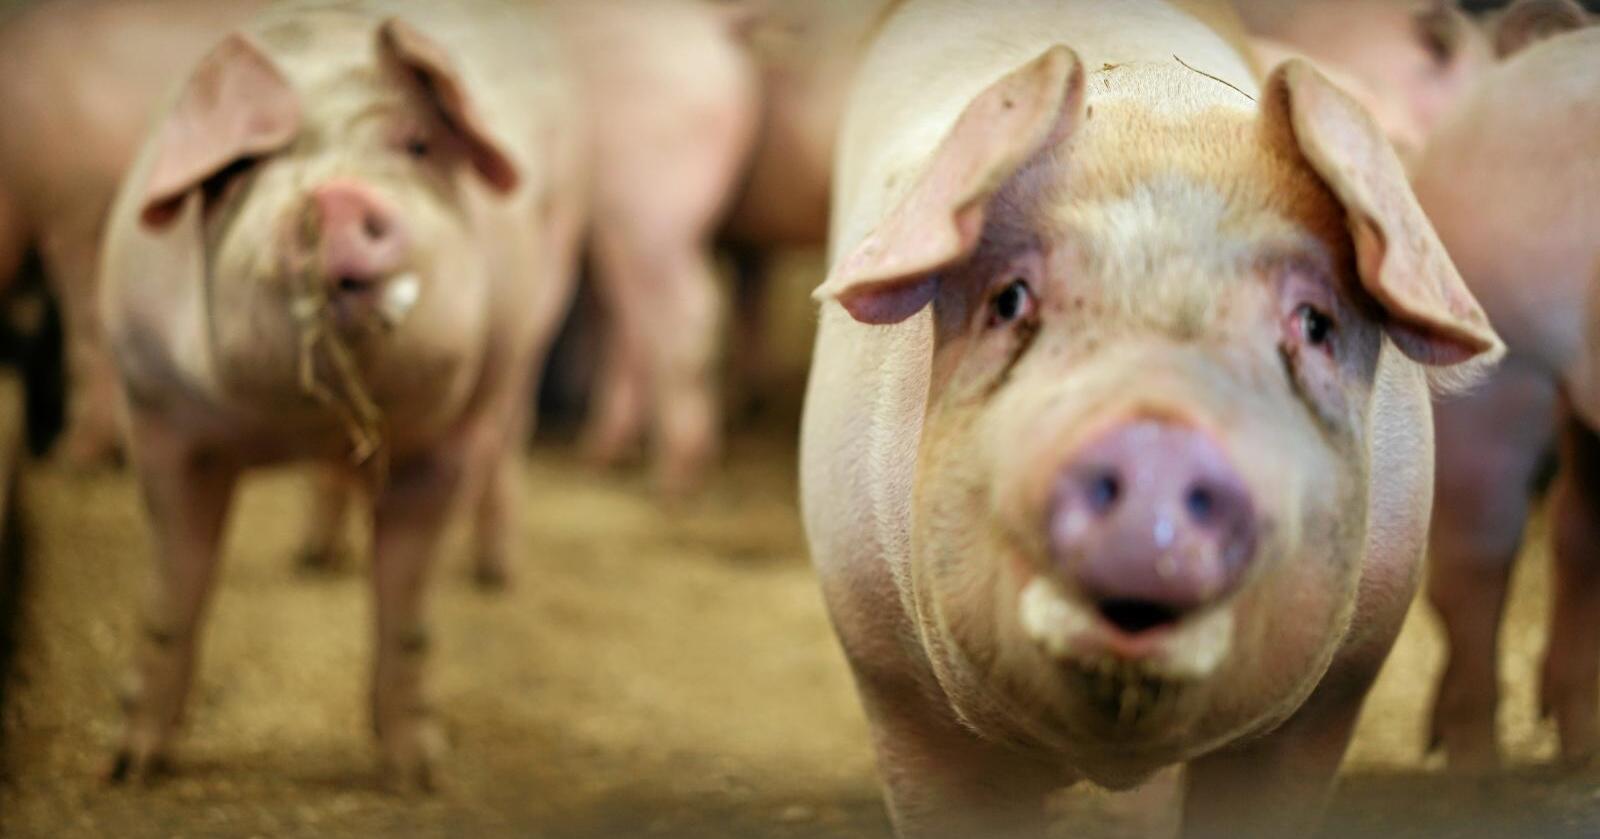 Ny smitte: Tre svinebesetninger i ulike steder i landet er smittet av ukjente typer antibiotikaresistente bakterier. Foto: Benjamin Hernes Vogl